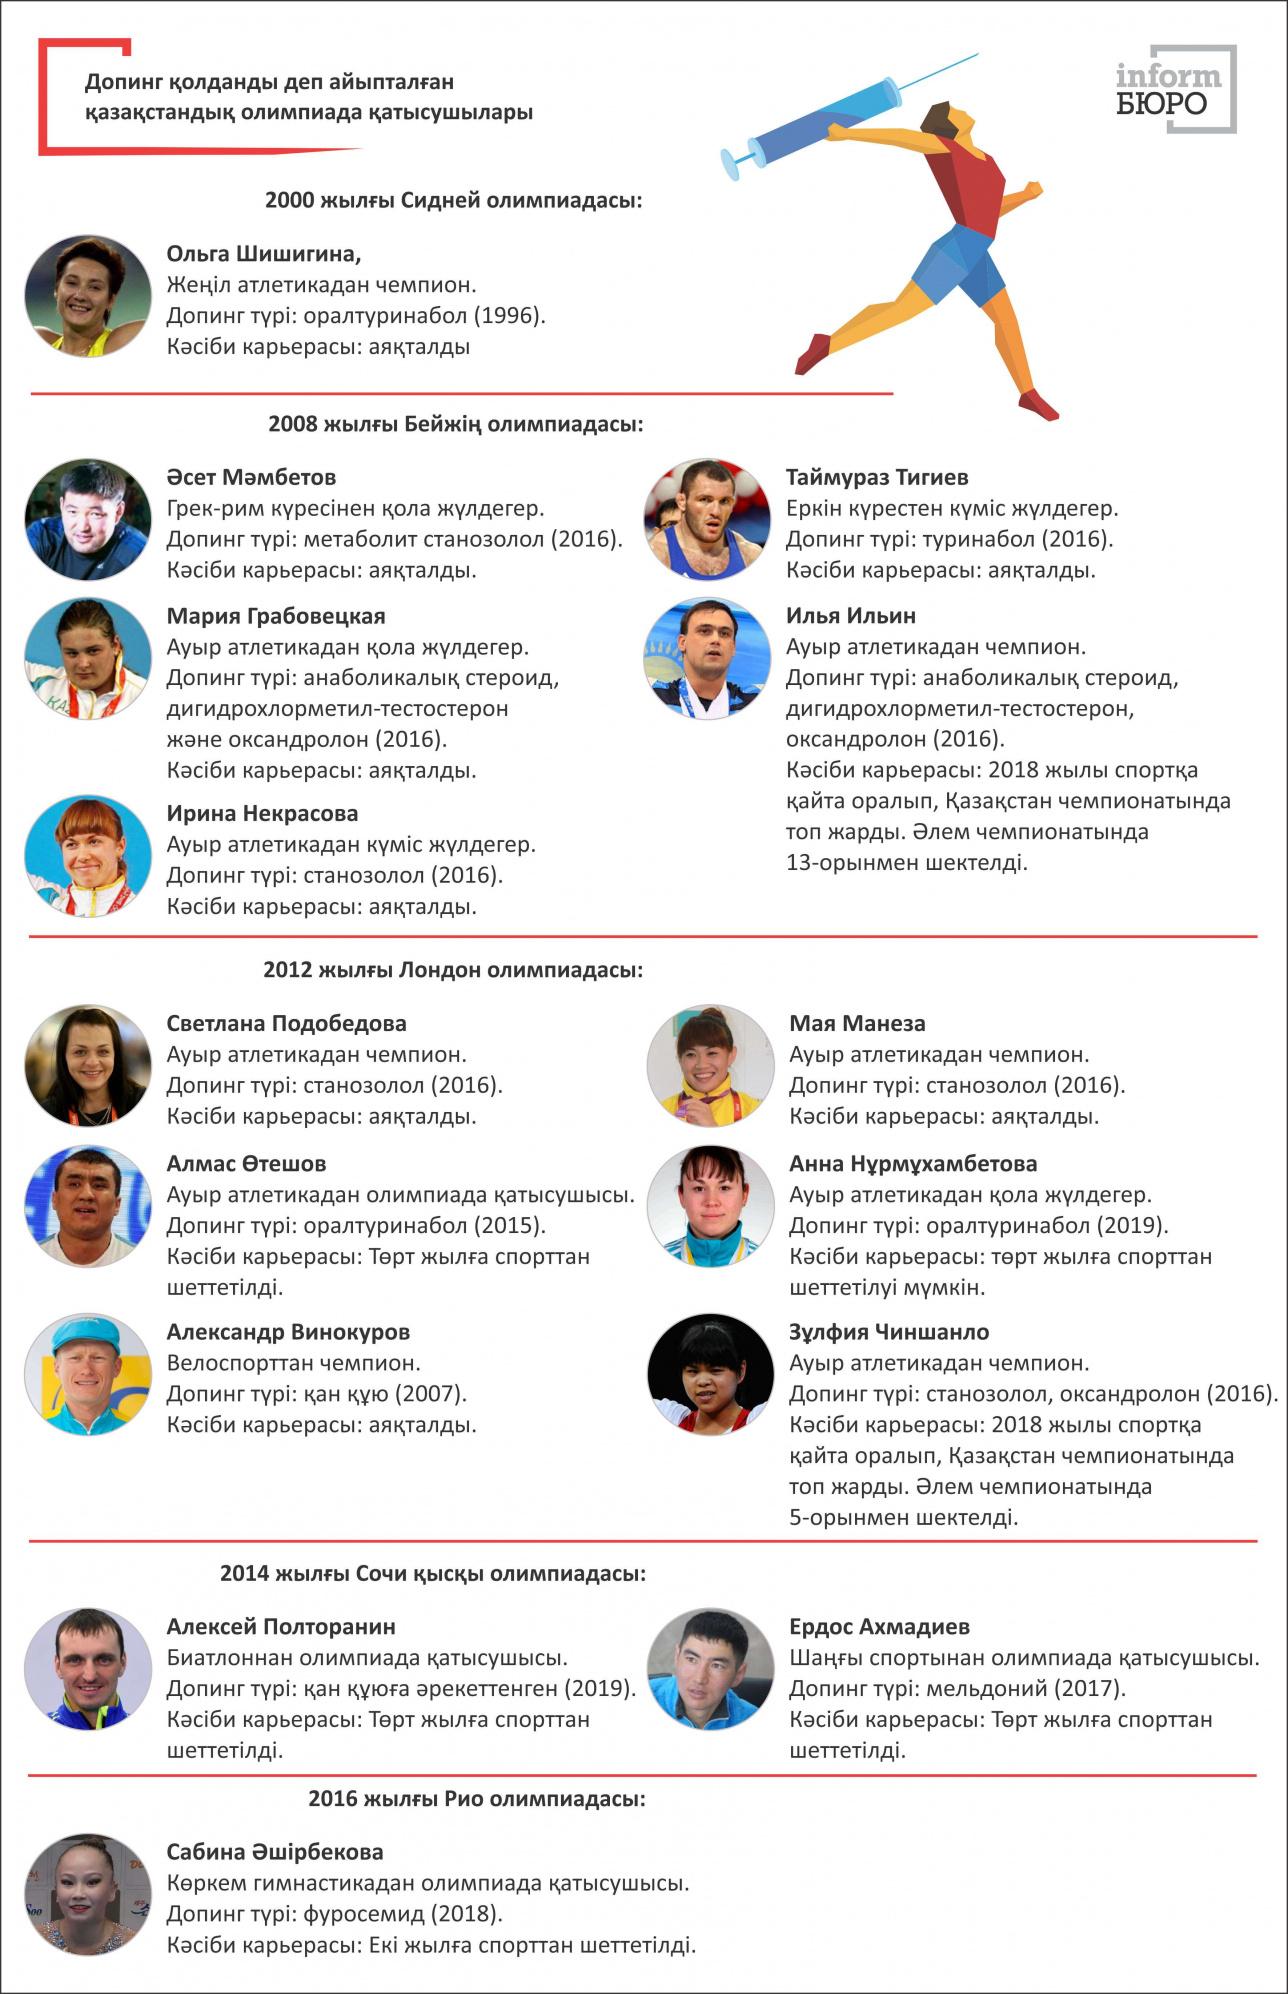 Допингпен айыпталған қазақстандық олимпиада қатысушылары